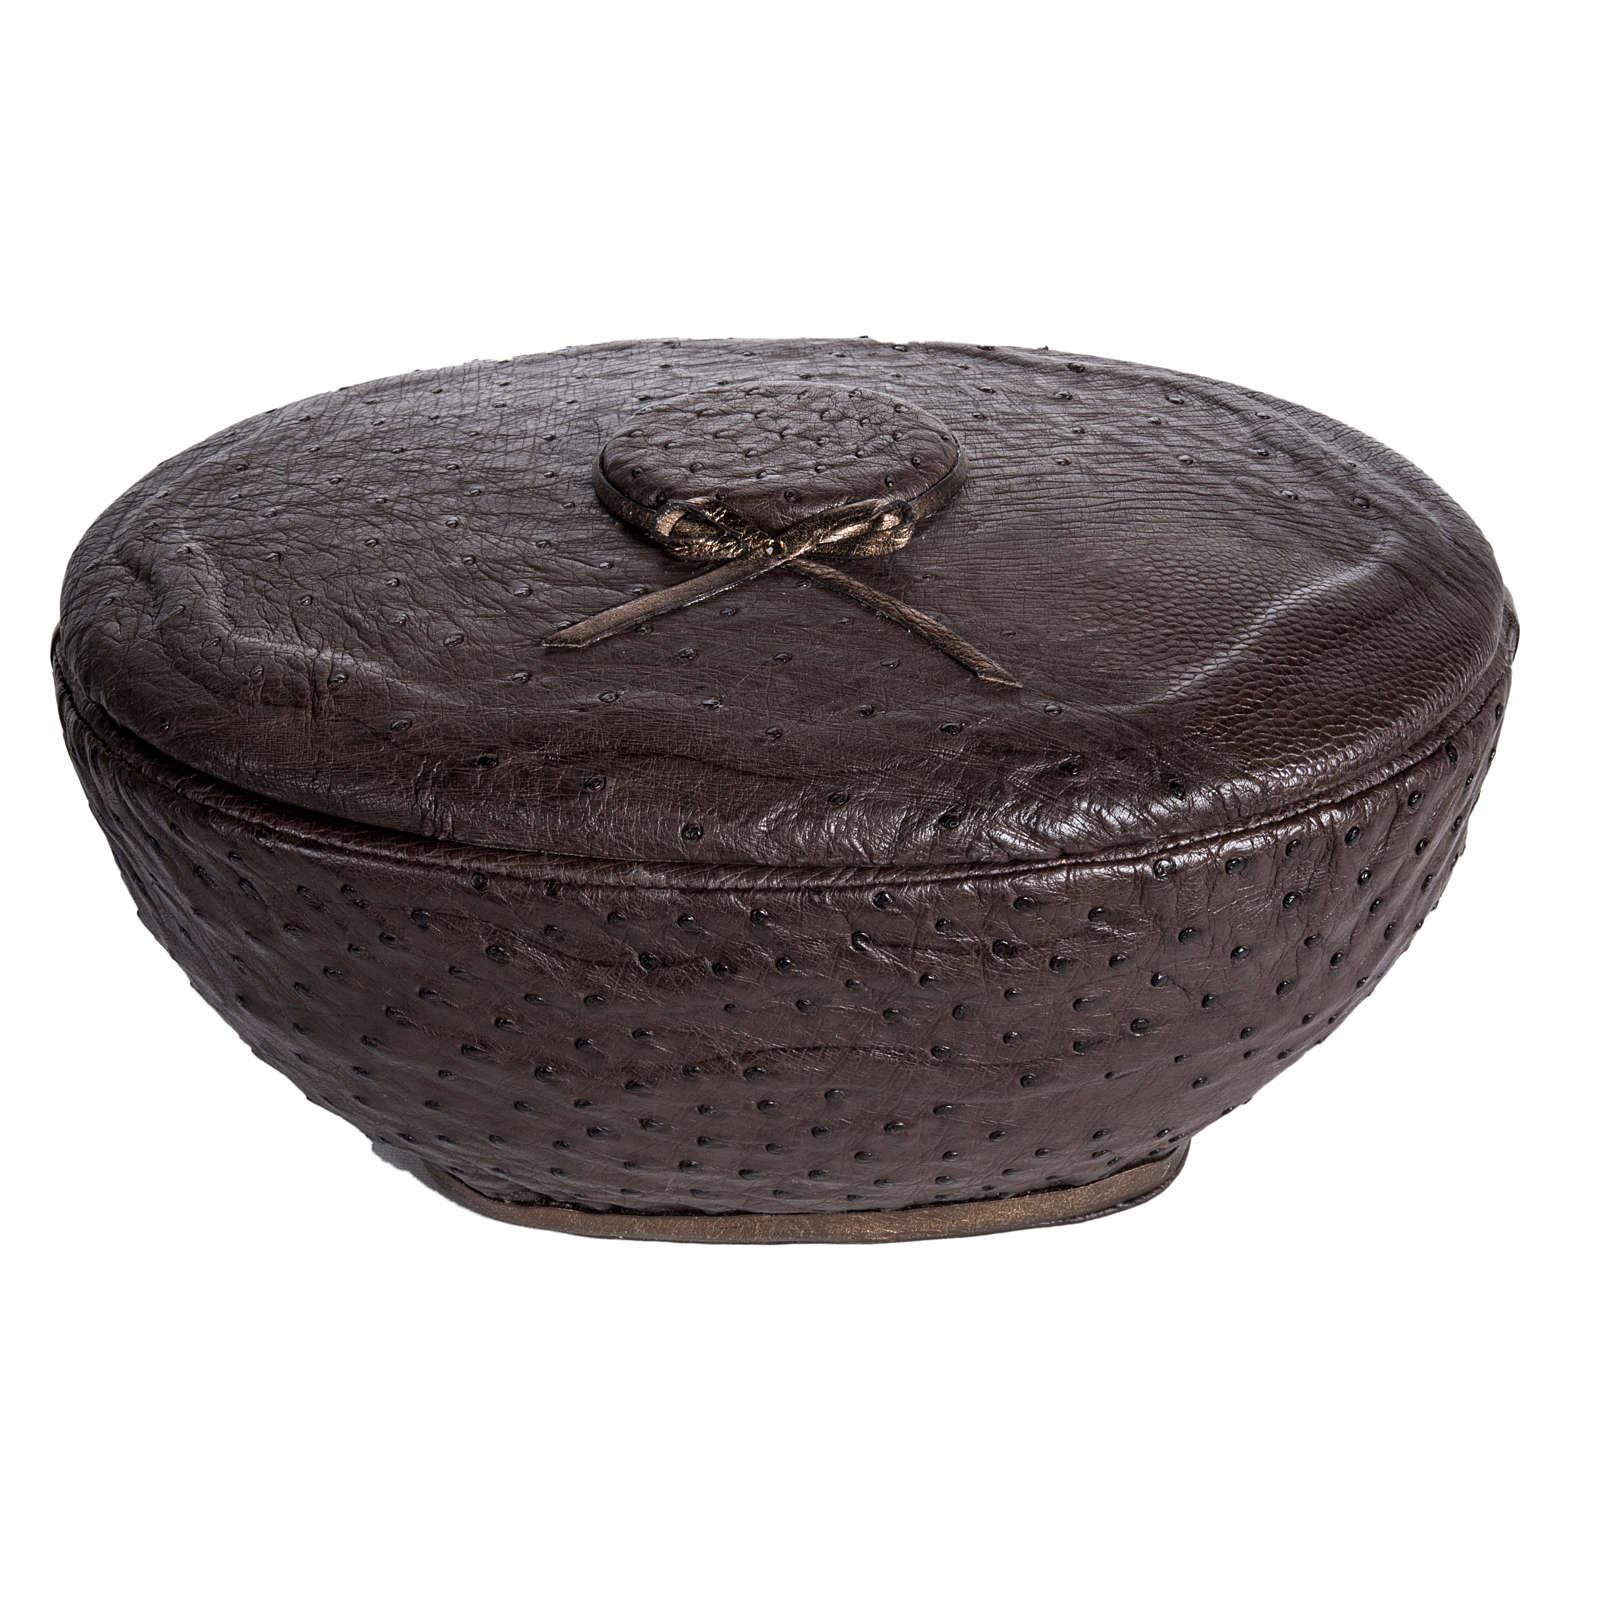 Urna funeraria tonda marmo ricoperto pelle struzzo 3